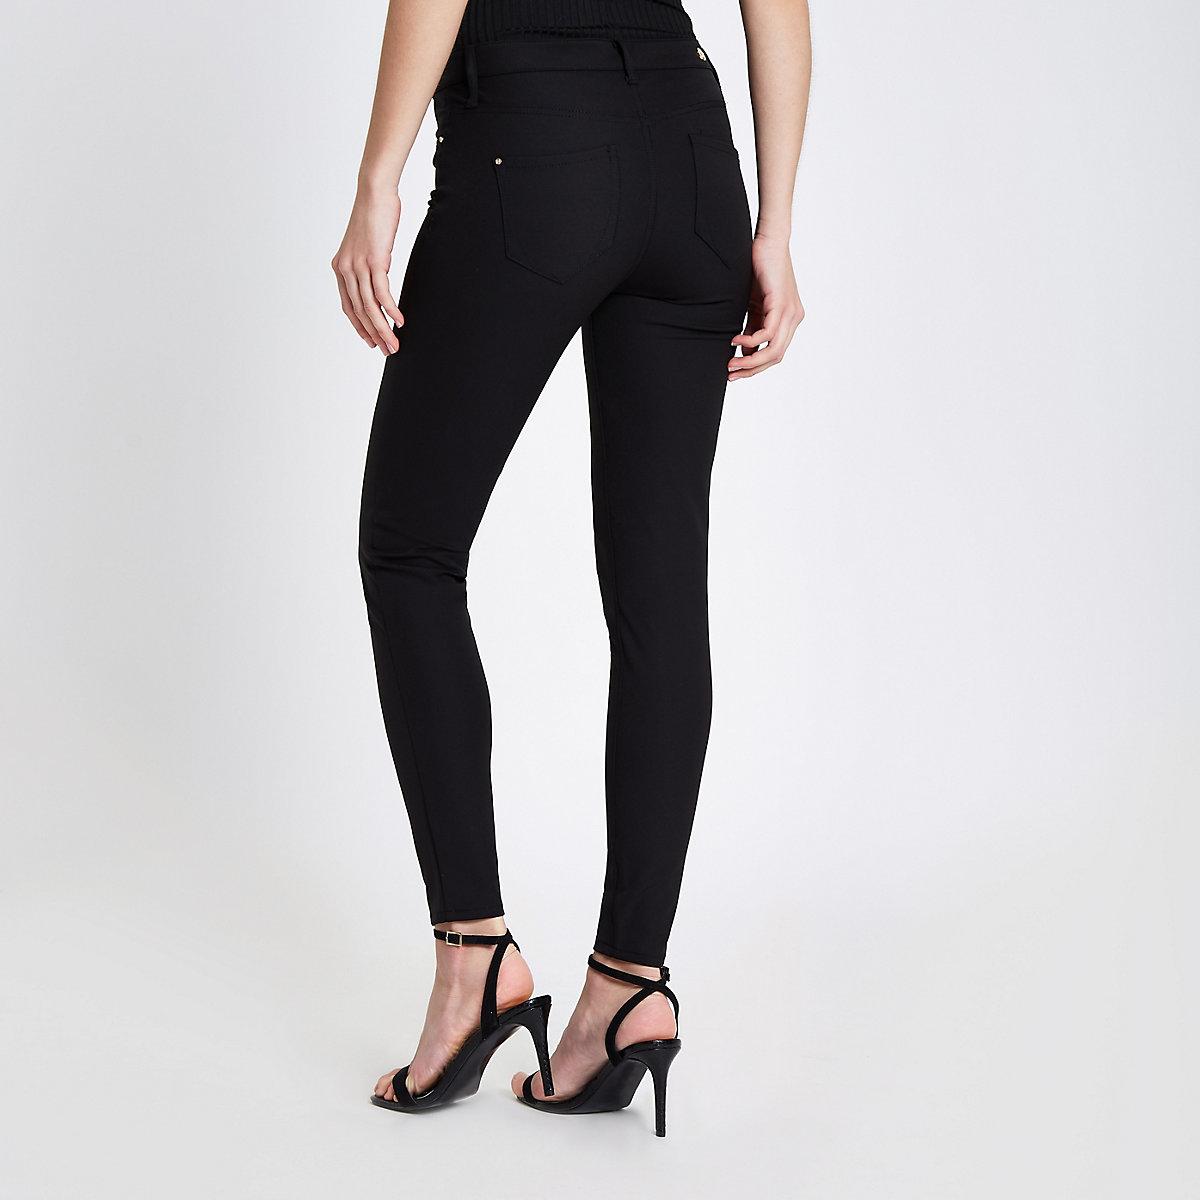 Molly – Schwarze Skinny Fit Hose - Skinny Fit Hosen - Hosen - Damen 4105d74b39